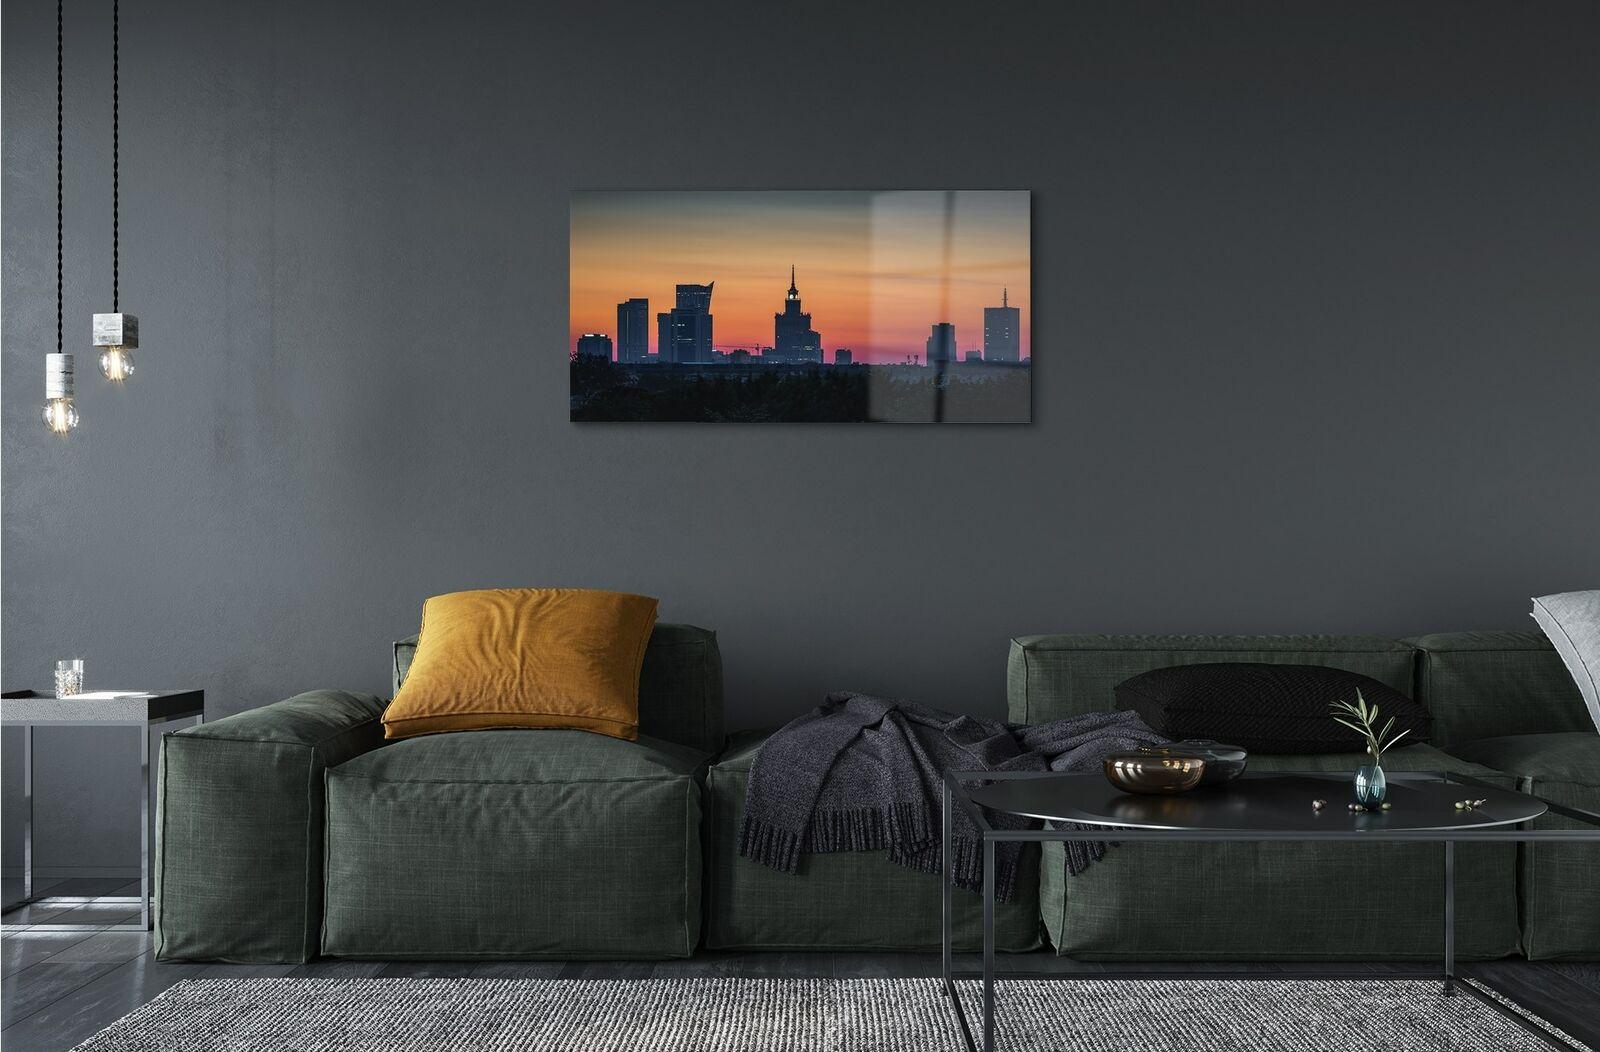 Kostenloser Versand landesweit. Tulup Acrylglas 21x21 Wandkunst ...